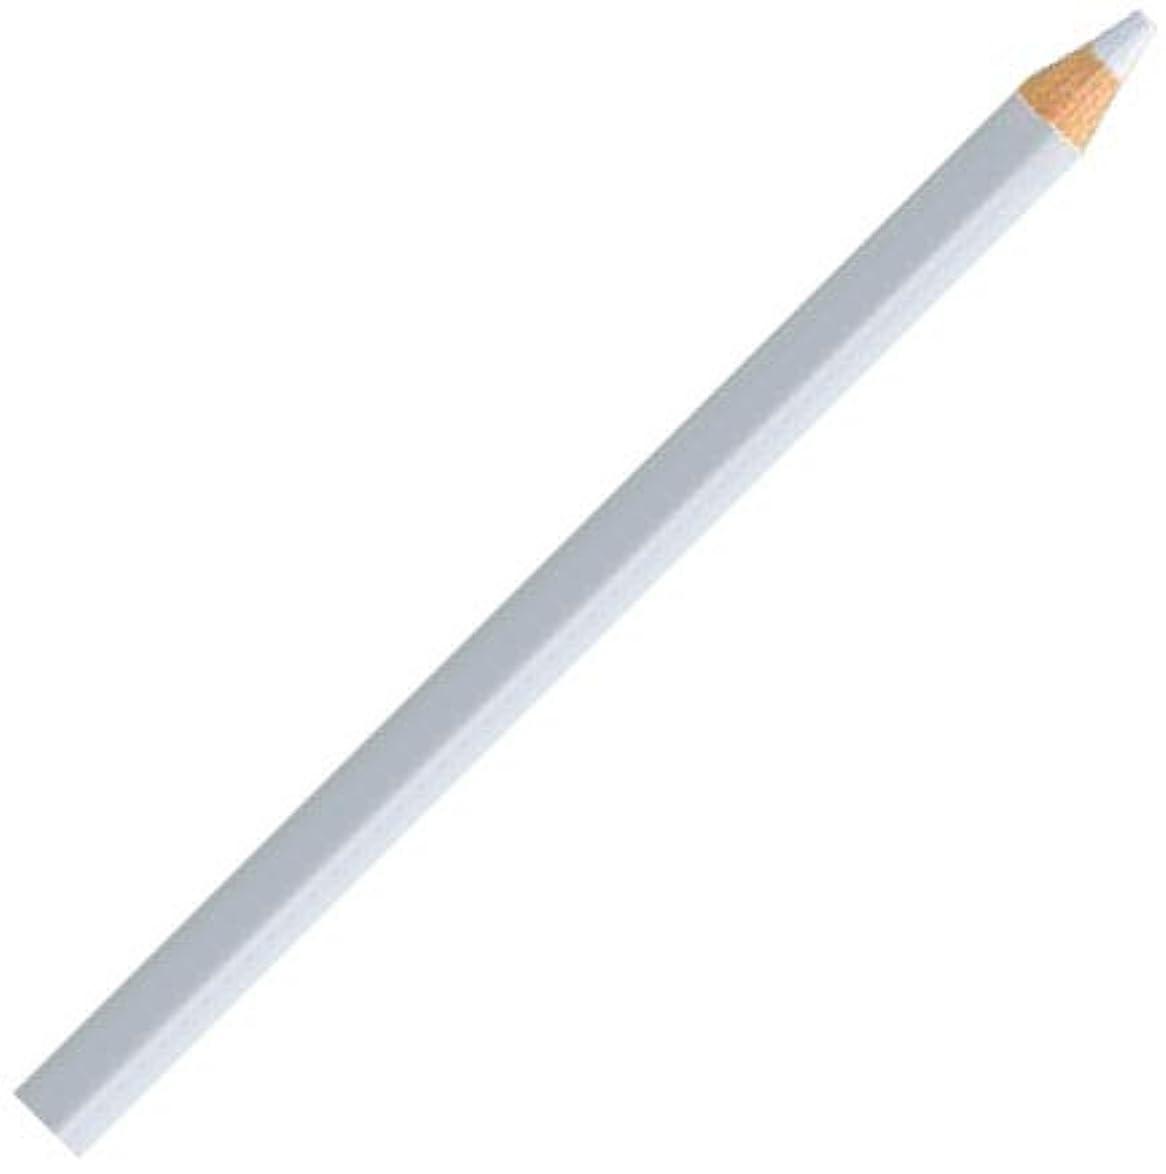 規範シミュレートする標準三菱鉛筆 色鉛筆 ユニカラー 564 ライトグレー 【6本セット】 取寄品 UCN.564